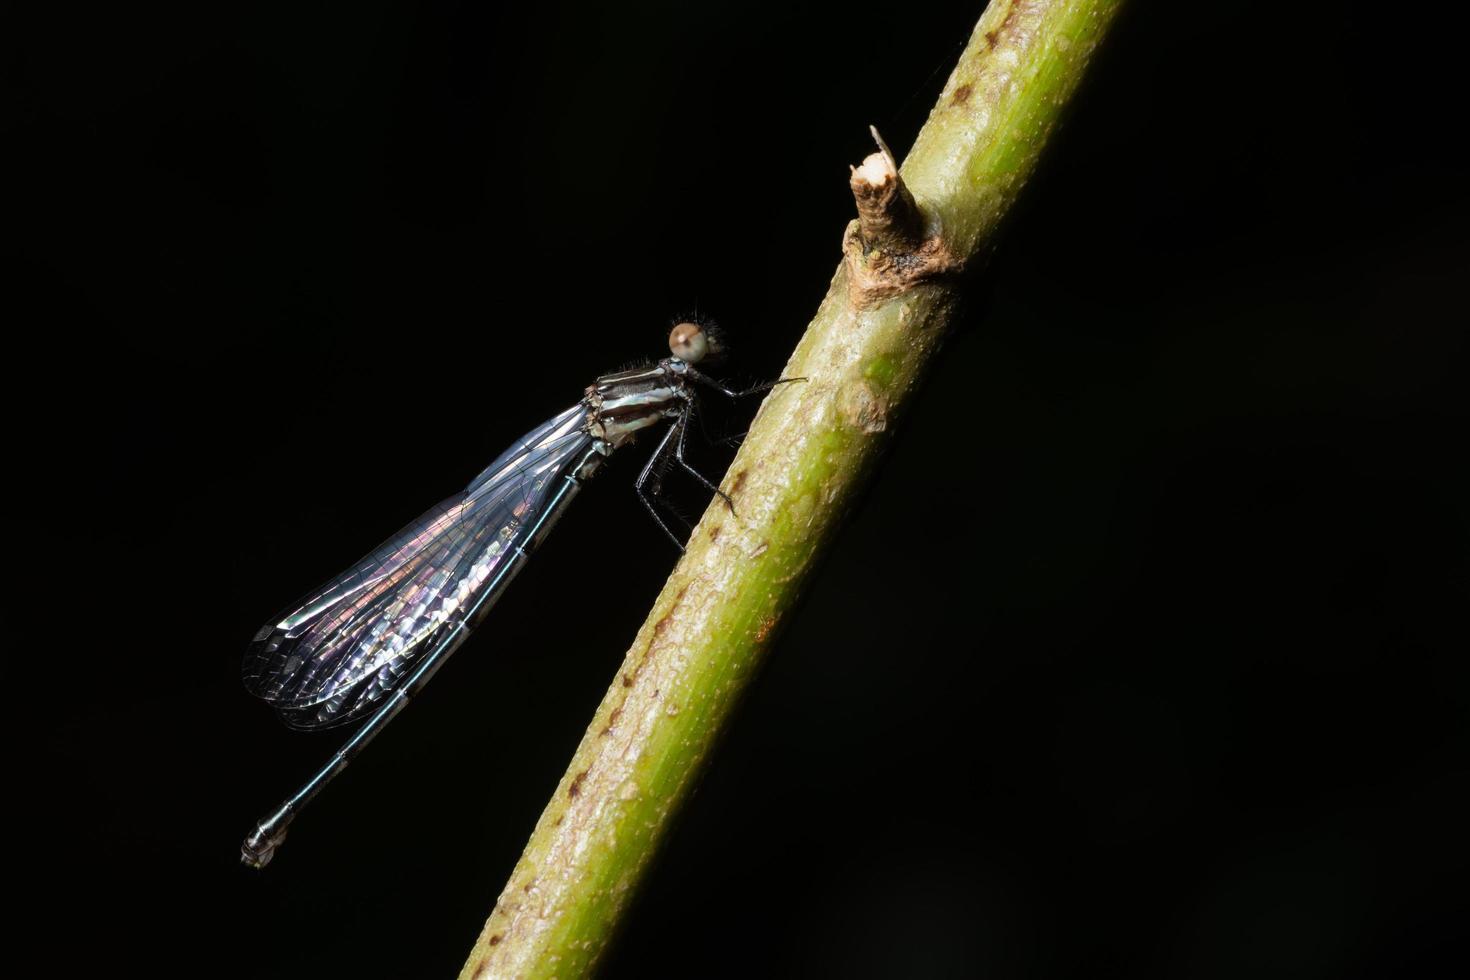 libellule grimpe la tige de la plante photo